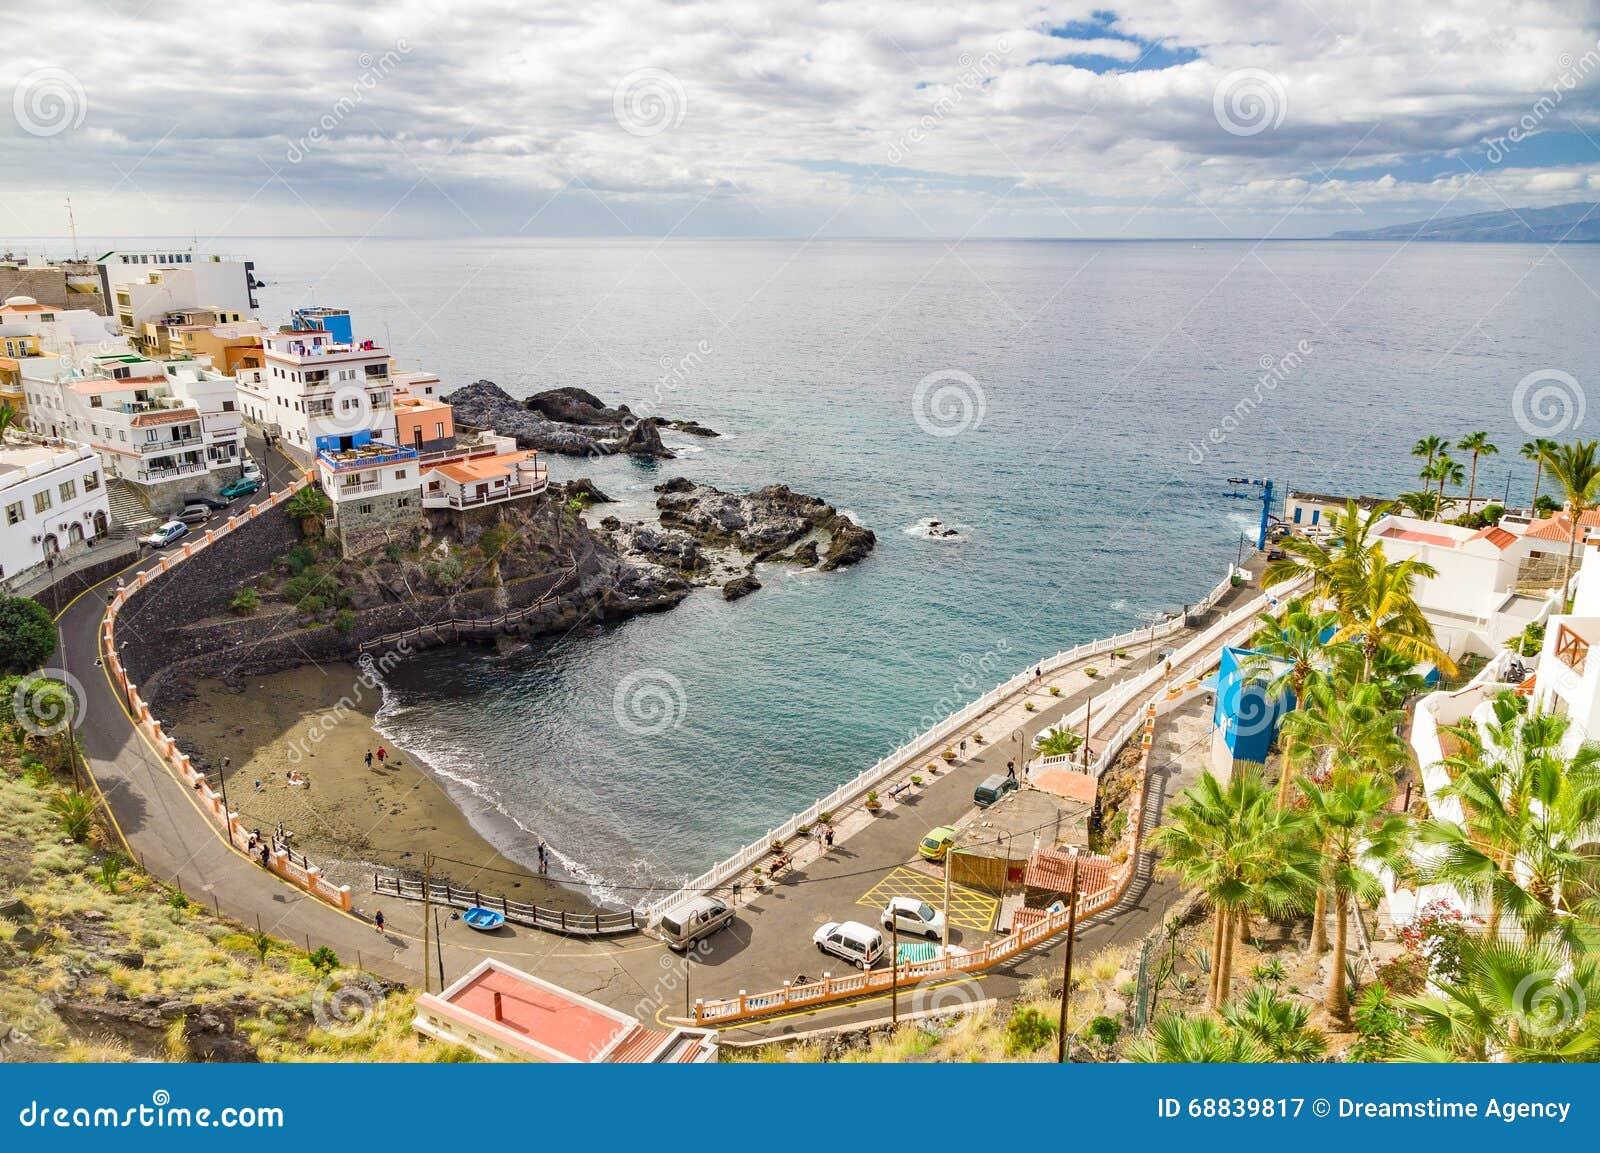 Resort town puerto de santiago tenerife stock image image 68839817 - Puerto santiago tenerife mapa ...